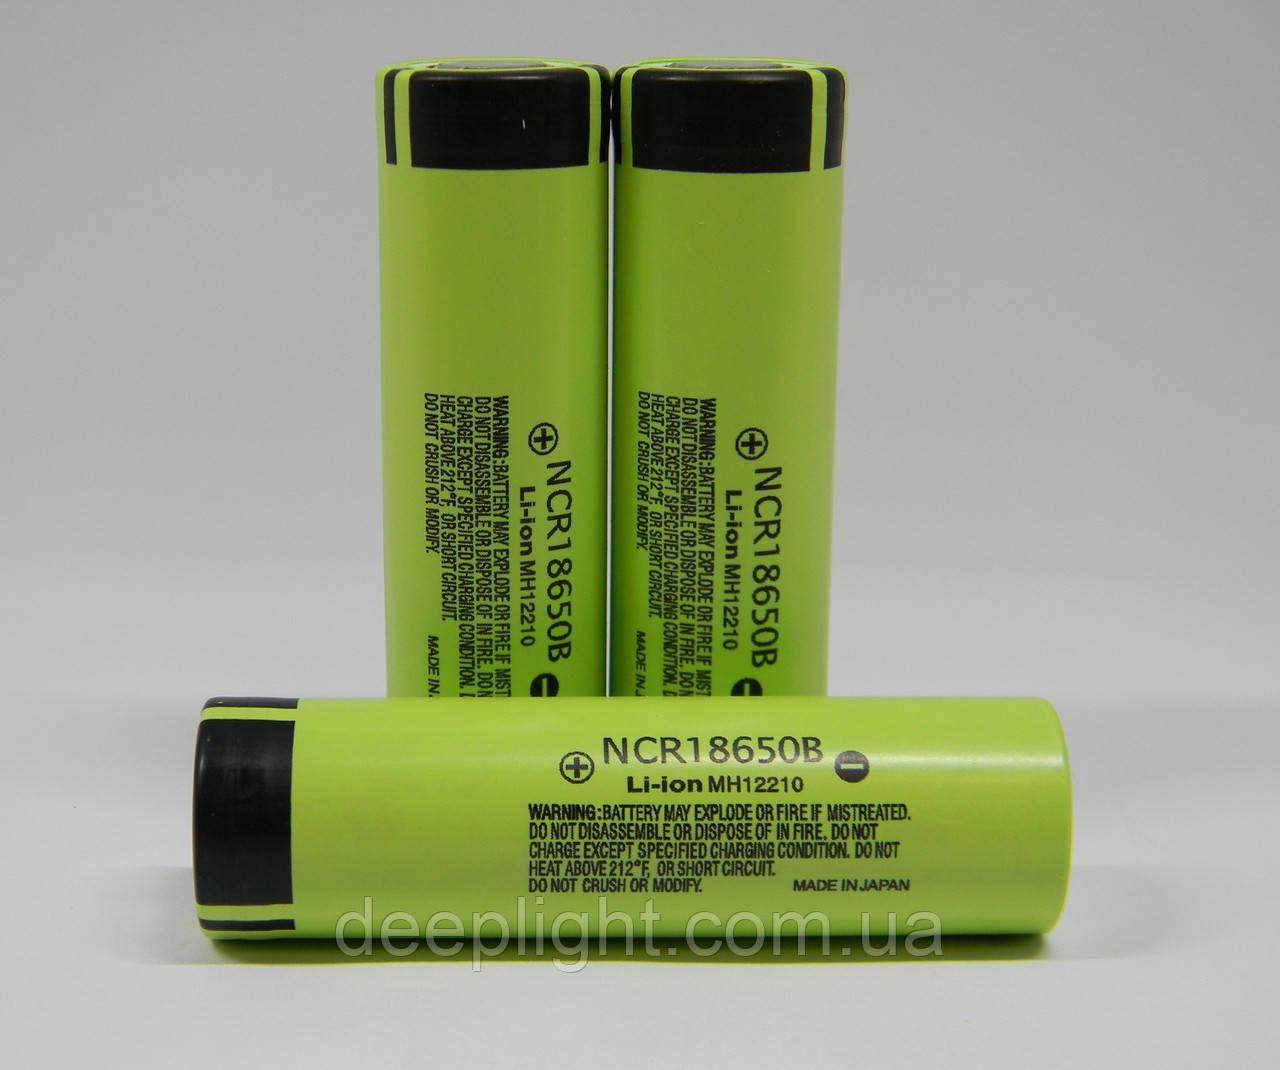 Аккумуляторы Panasonic (liitokala) 18650 3400 mAh без платы защиты